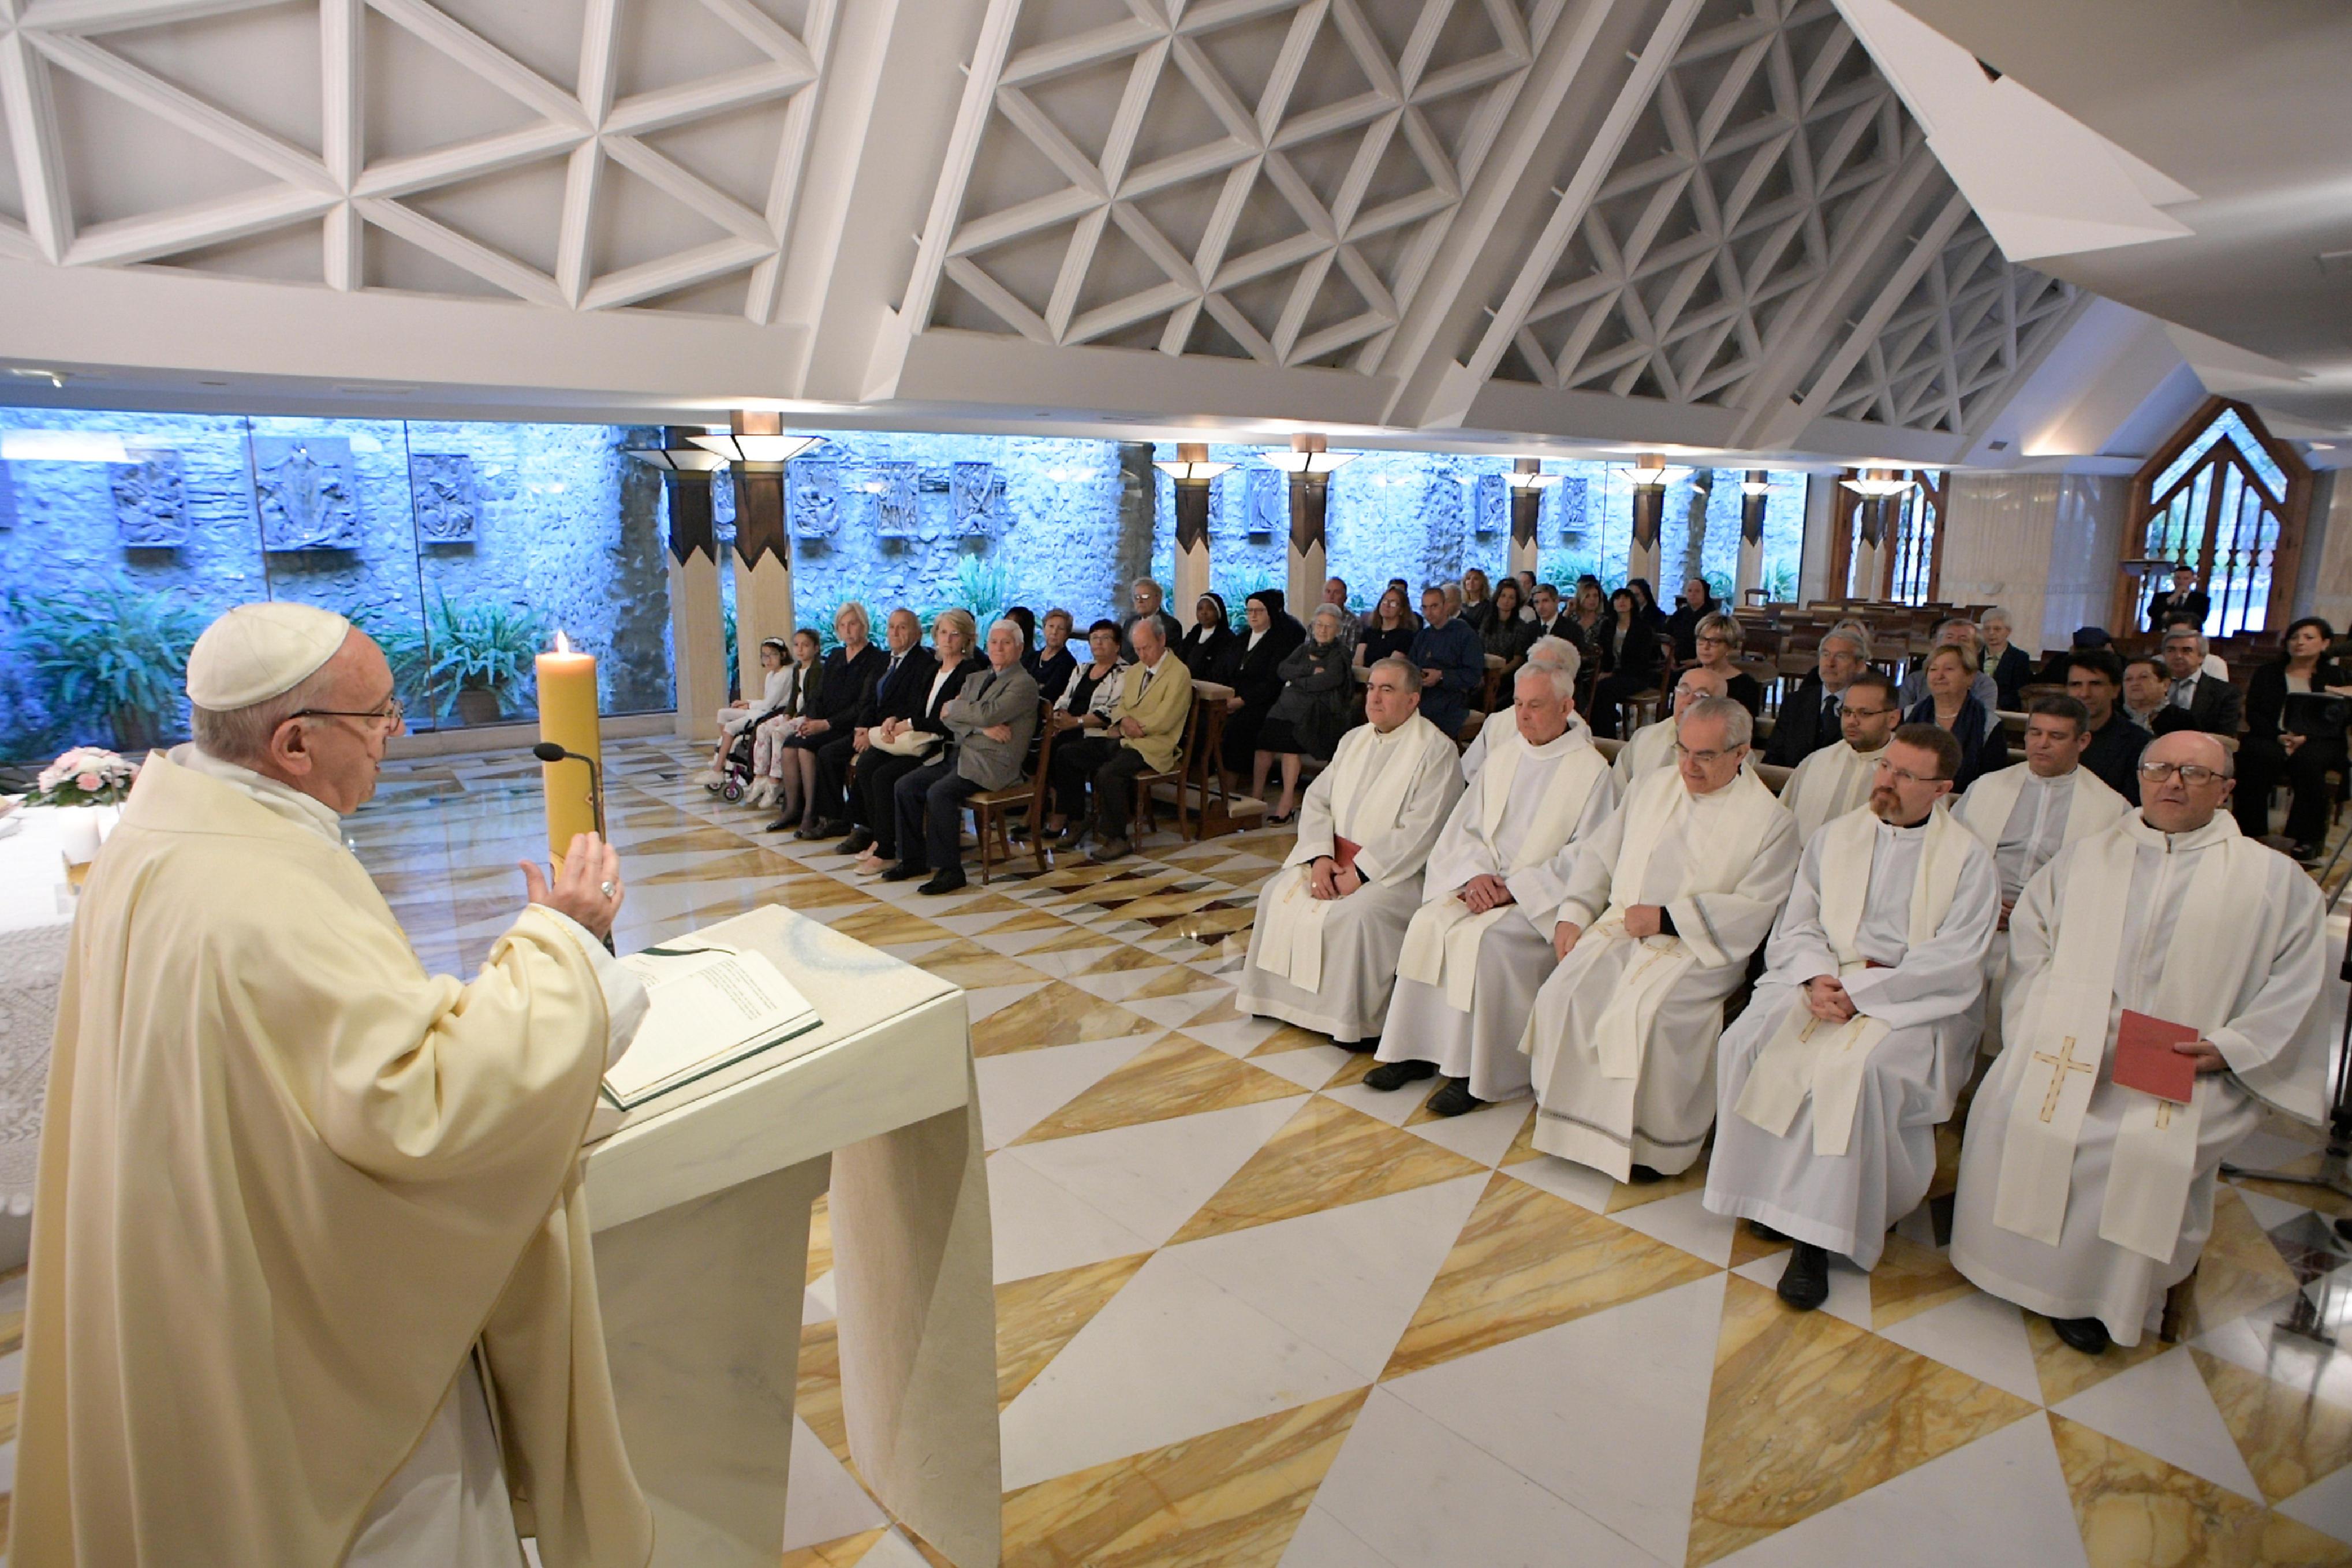 Messe du 23 mai 2017 à Sainte-Marthe © L'Osservatore Romano